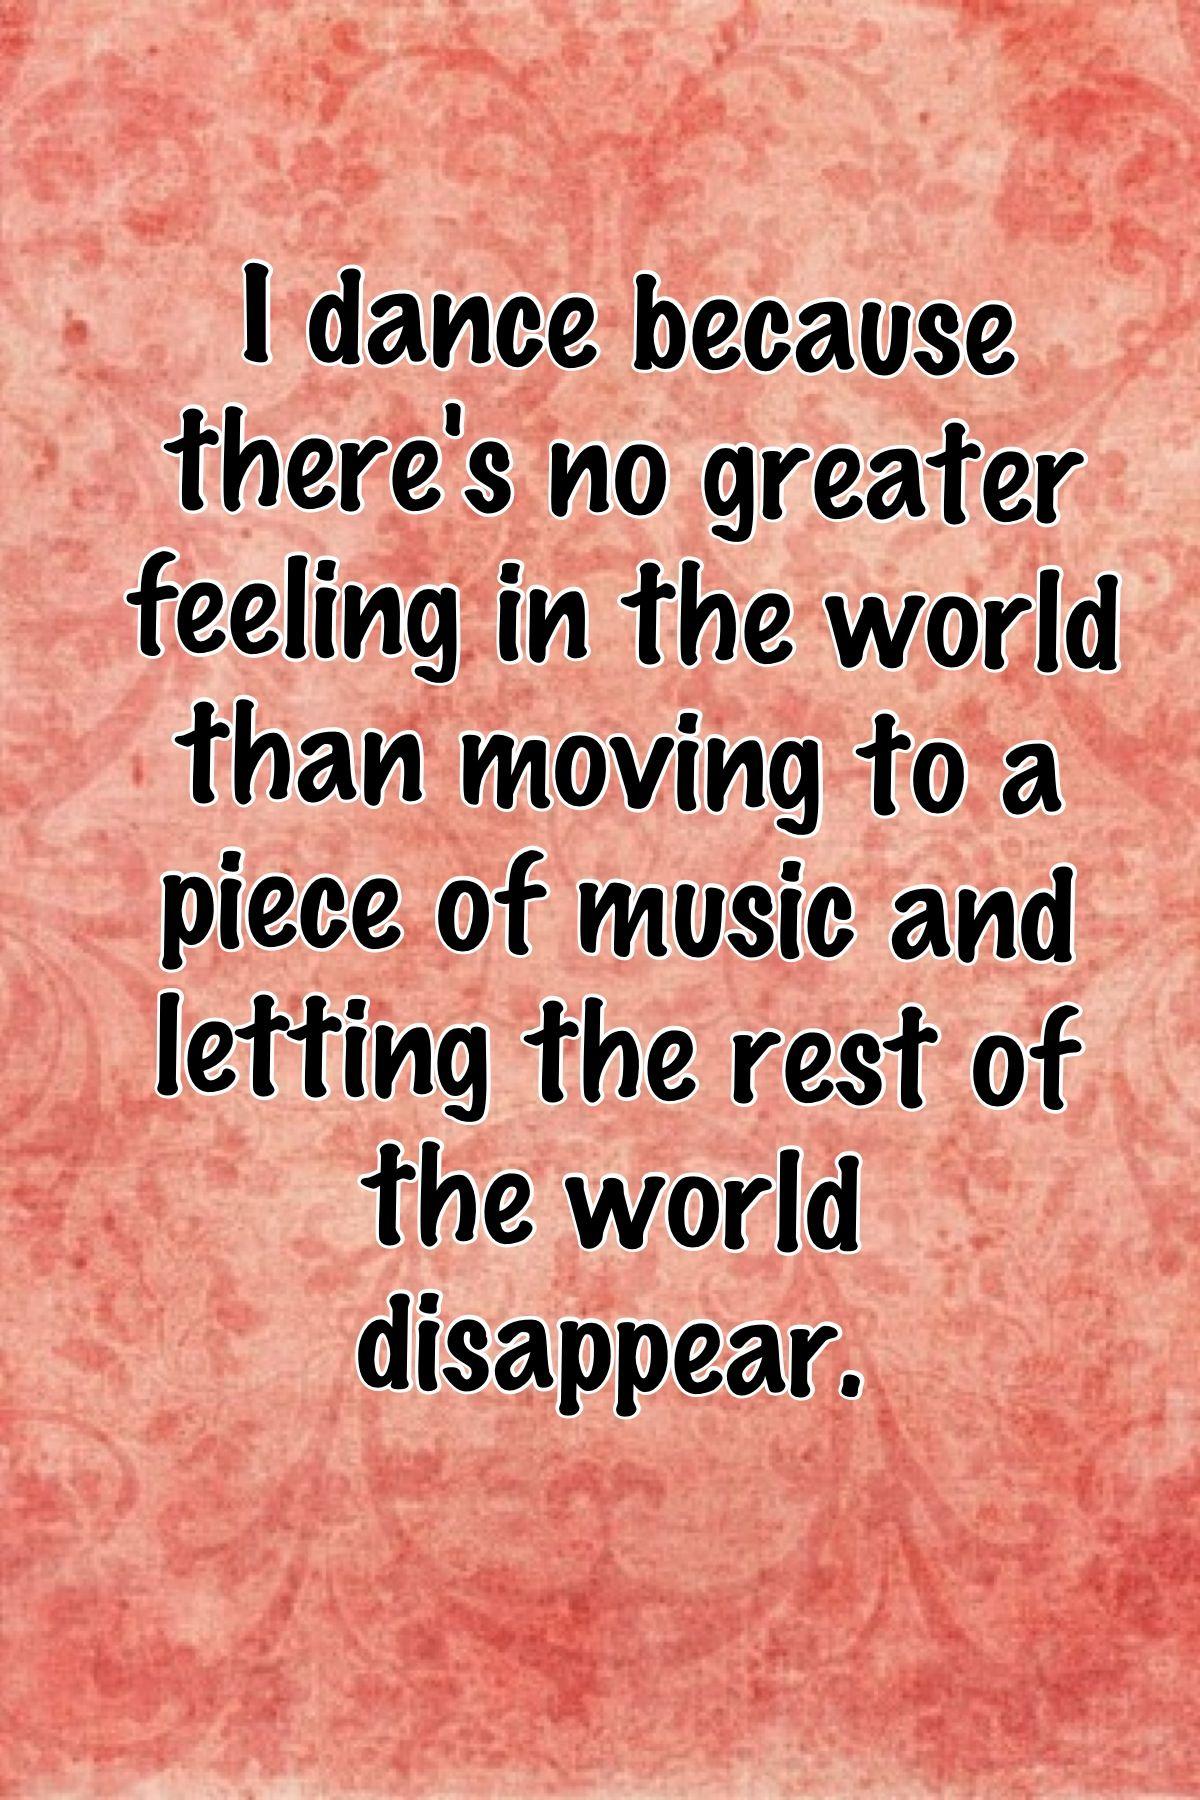 Dance Quote Dansen Citaten Citaten Over Dansen Danscitaten